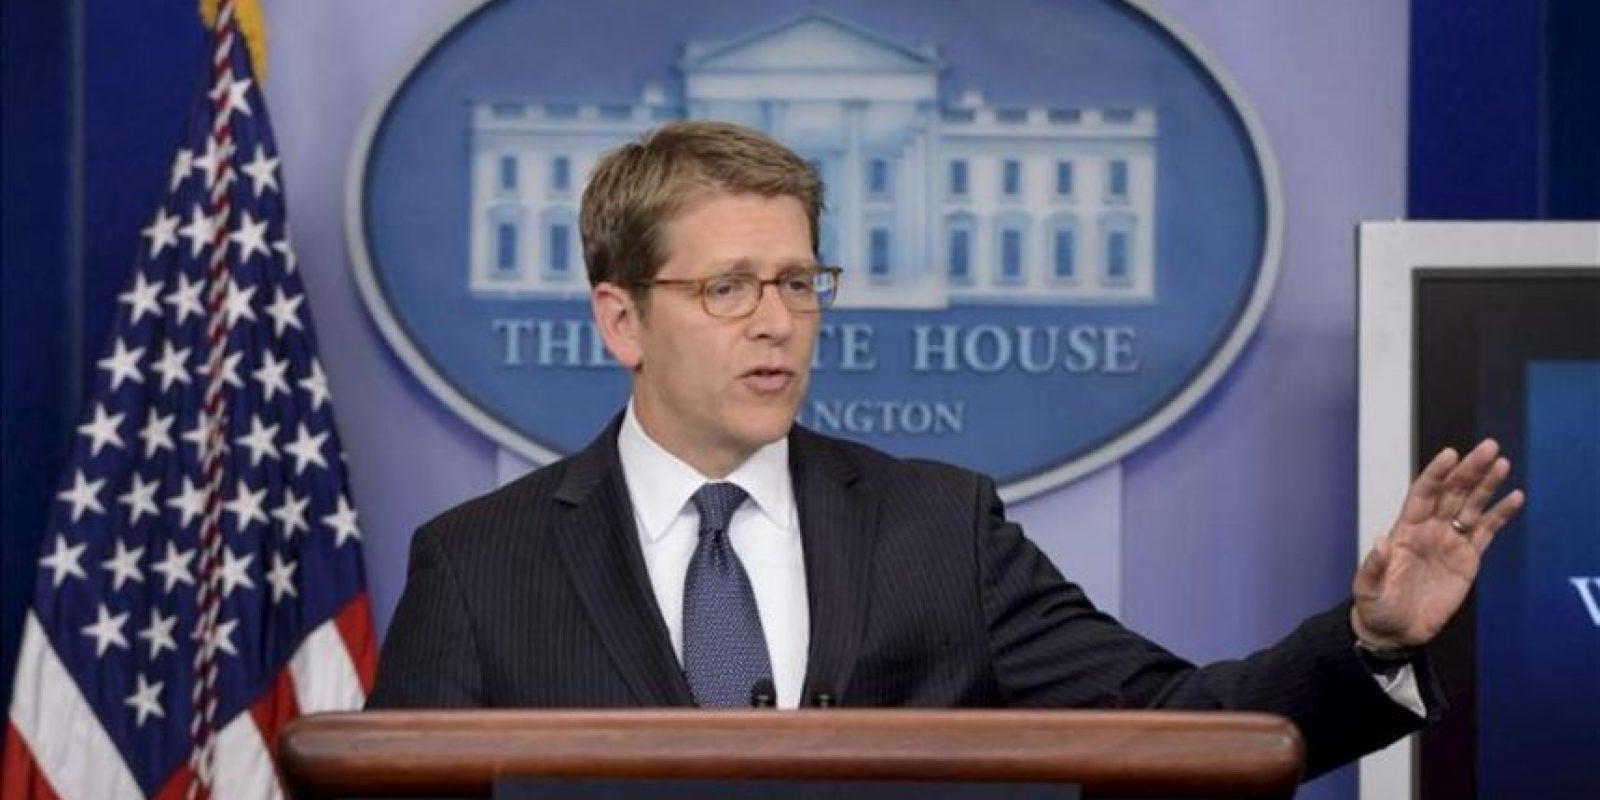 En la imagen, el portavoz de la Casa Blanca, Jay Carney. EFE/Archivo